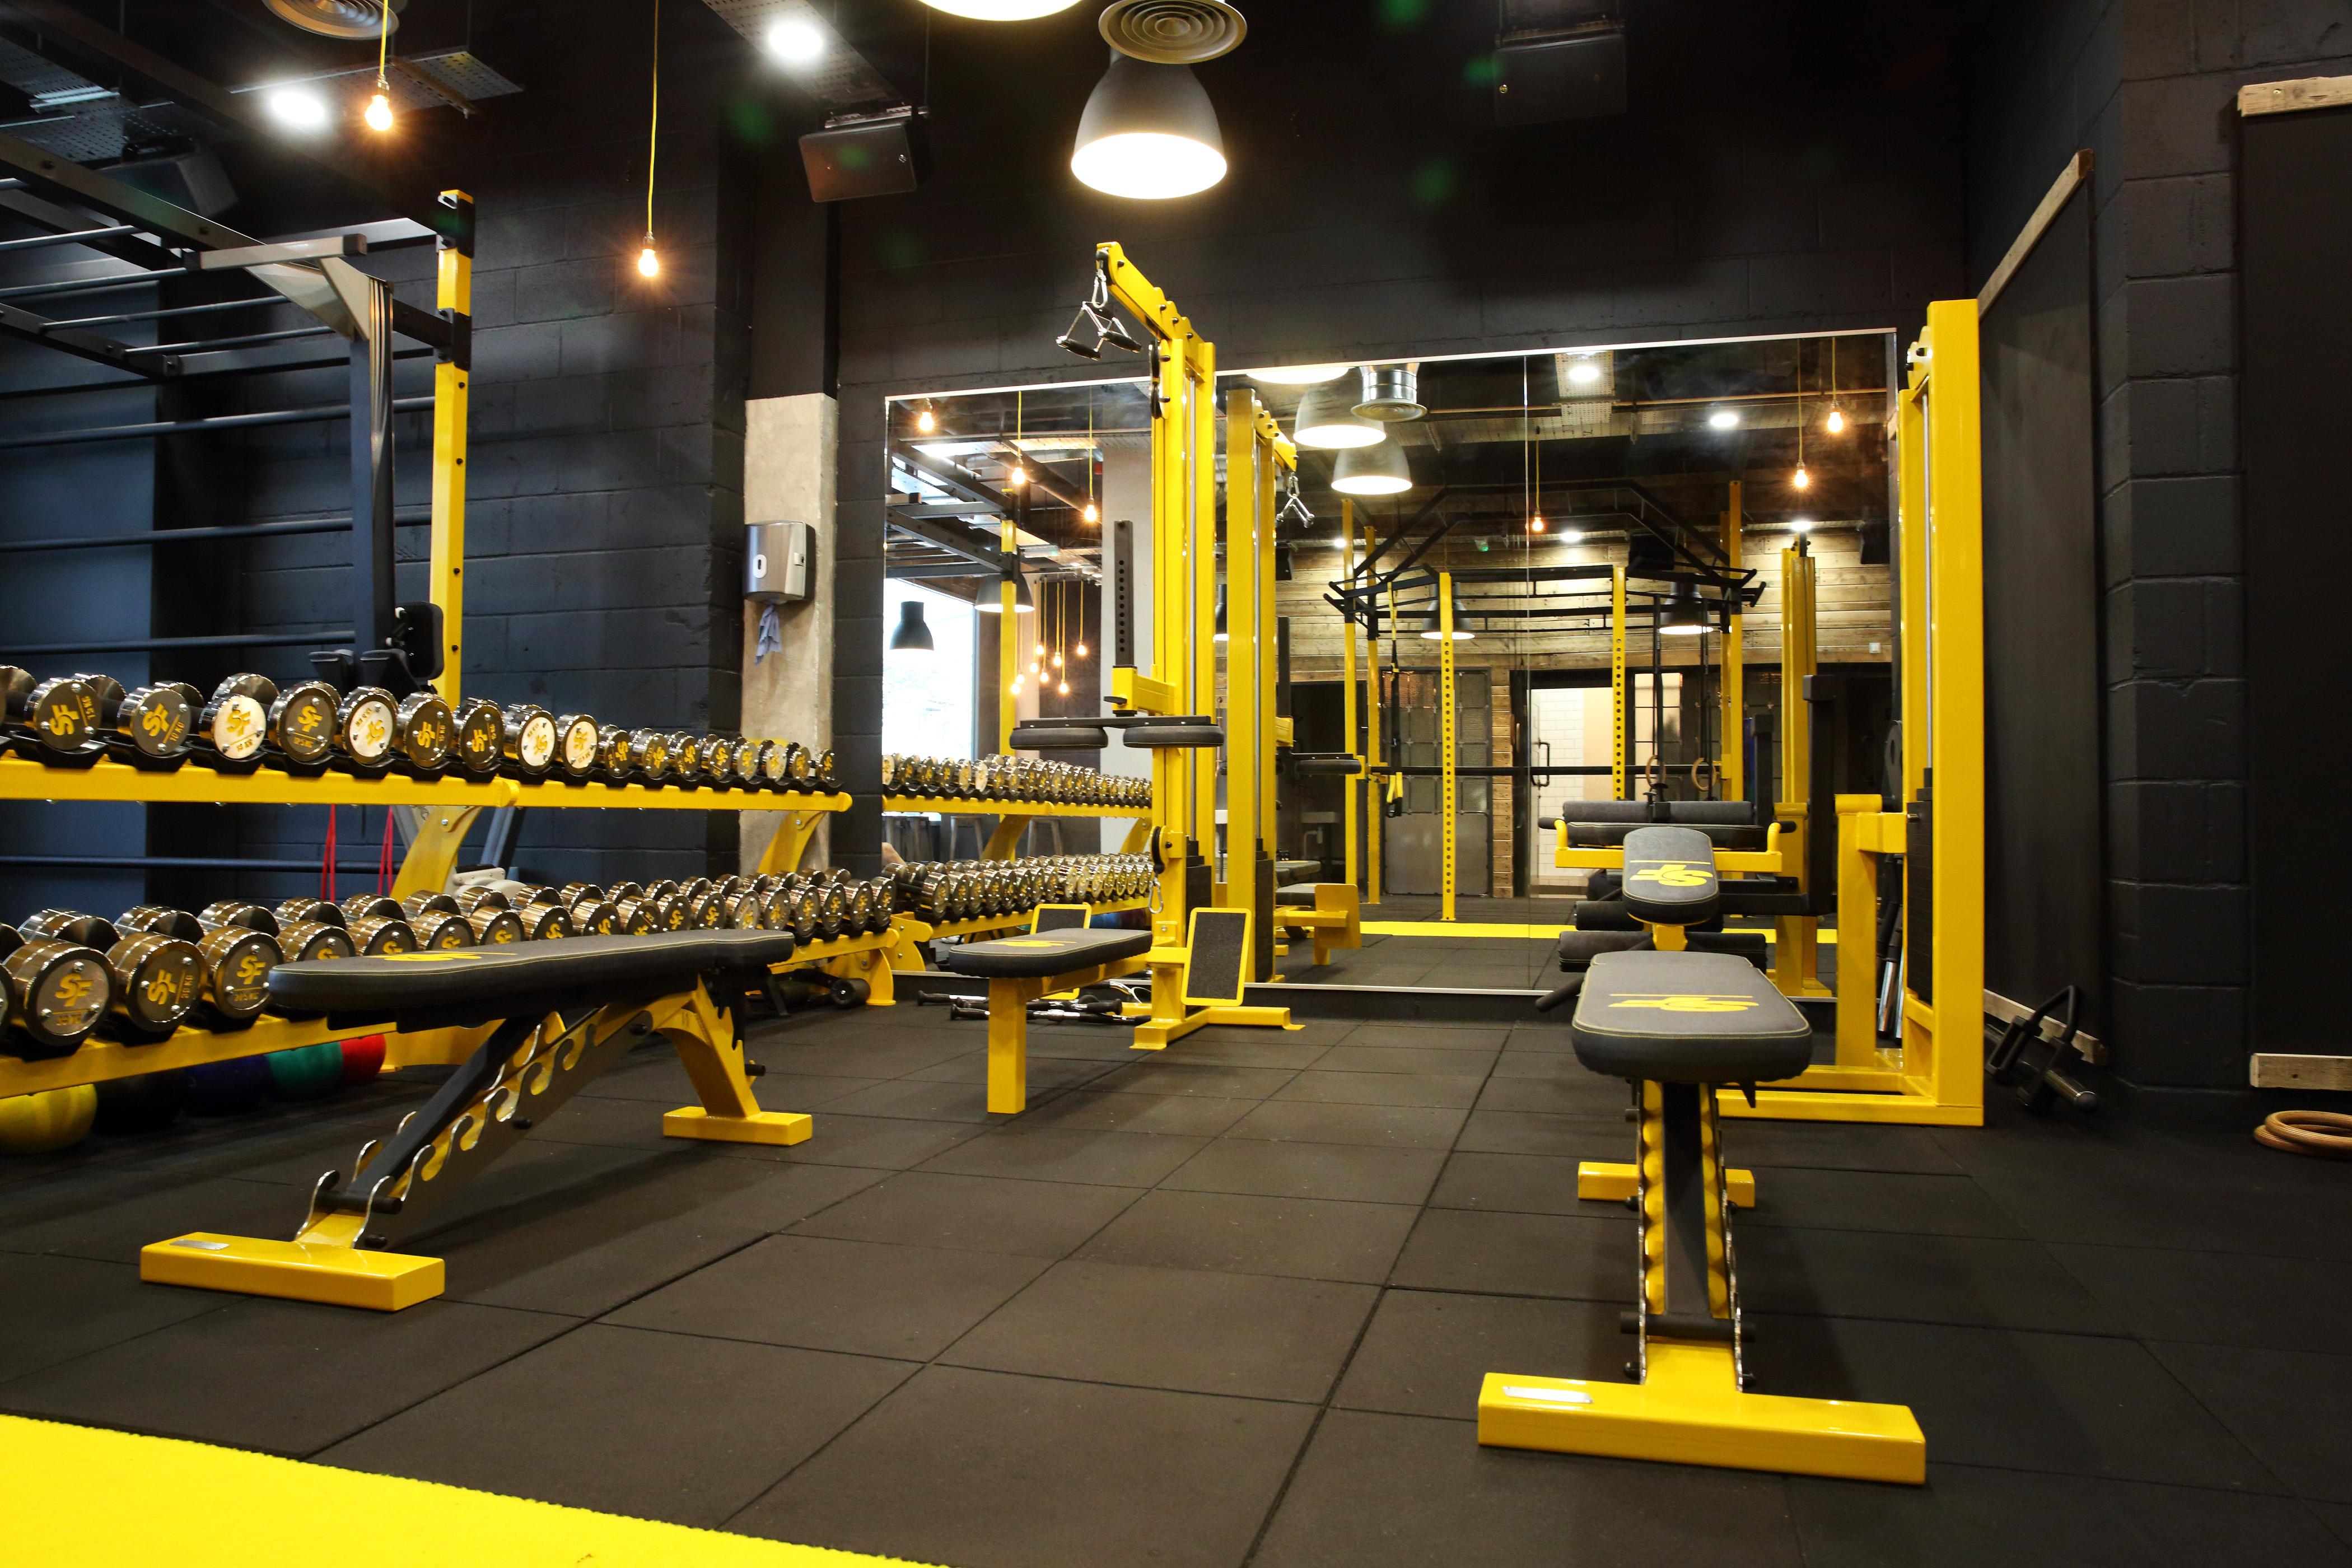 best-gym-in-bristol